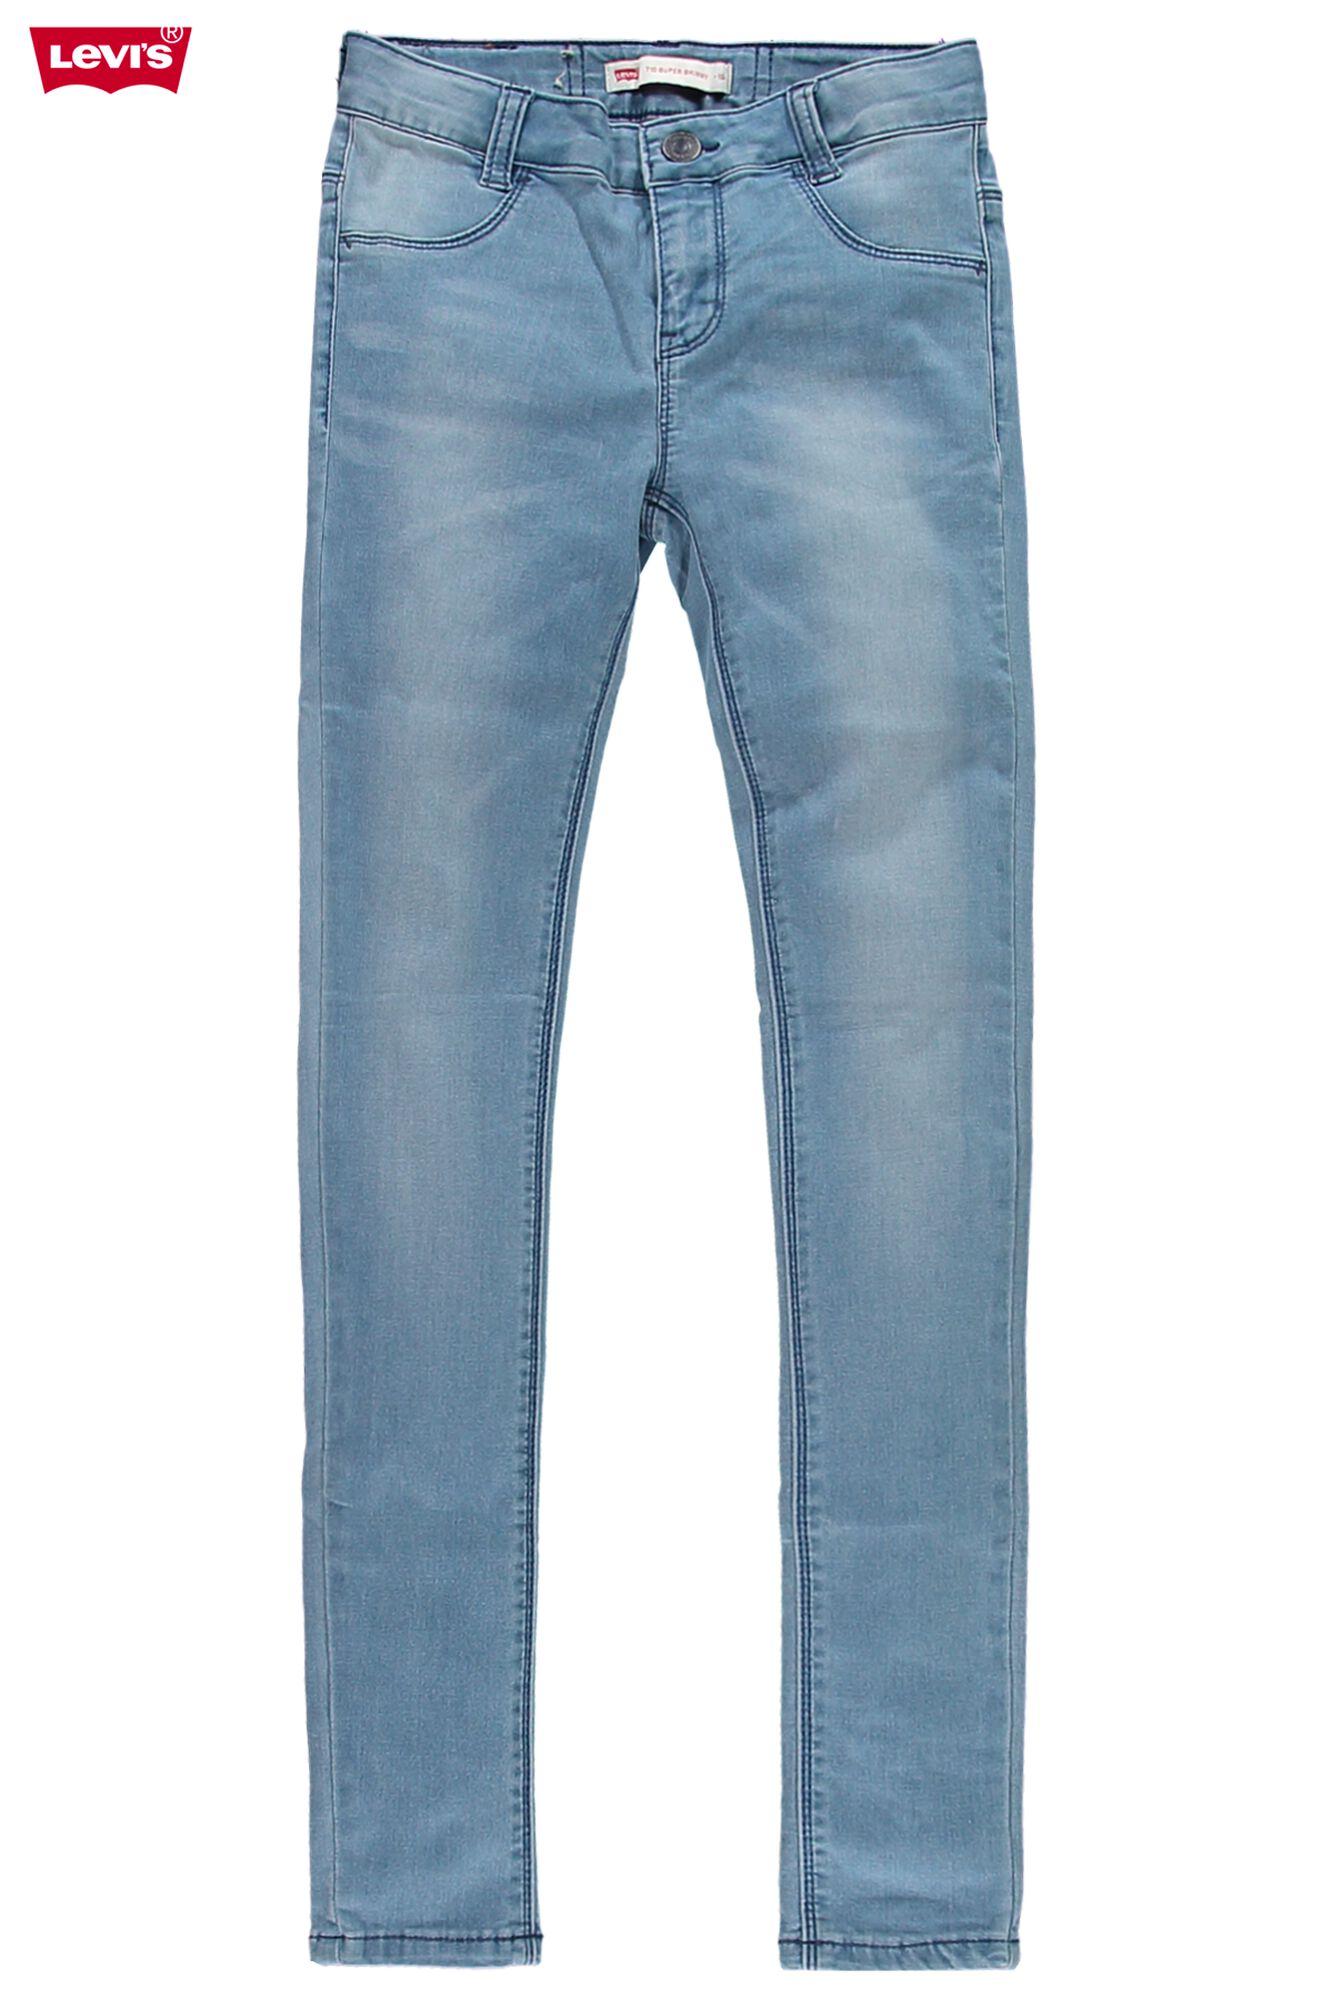 Durchsuchen Sie die neuesten Kollektionen unglaubliche Preise großes Sortiment Girls Jeans Levi's 710 Super skinny Blue Buy Online